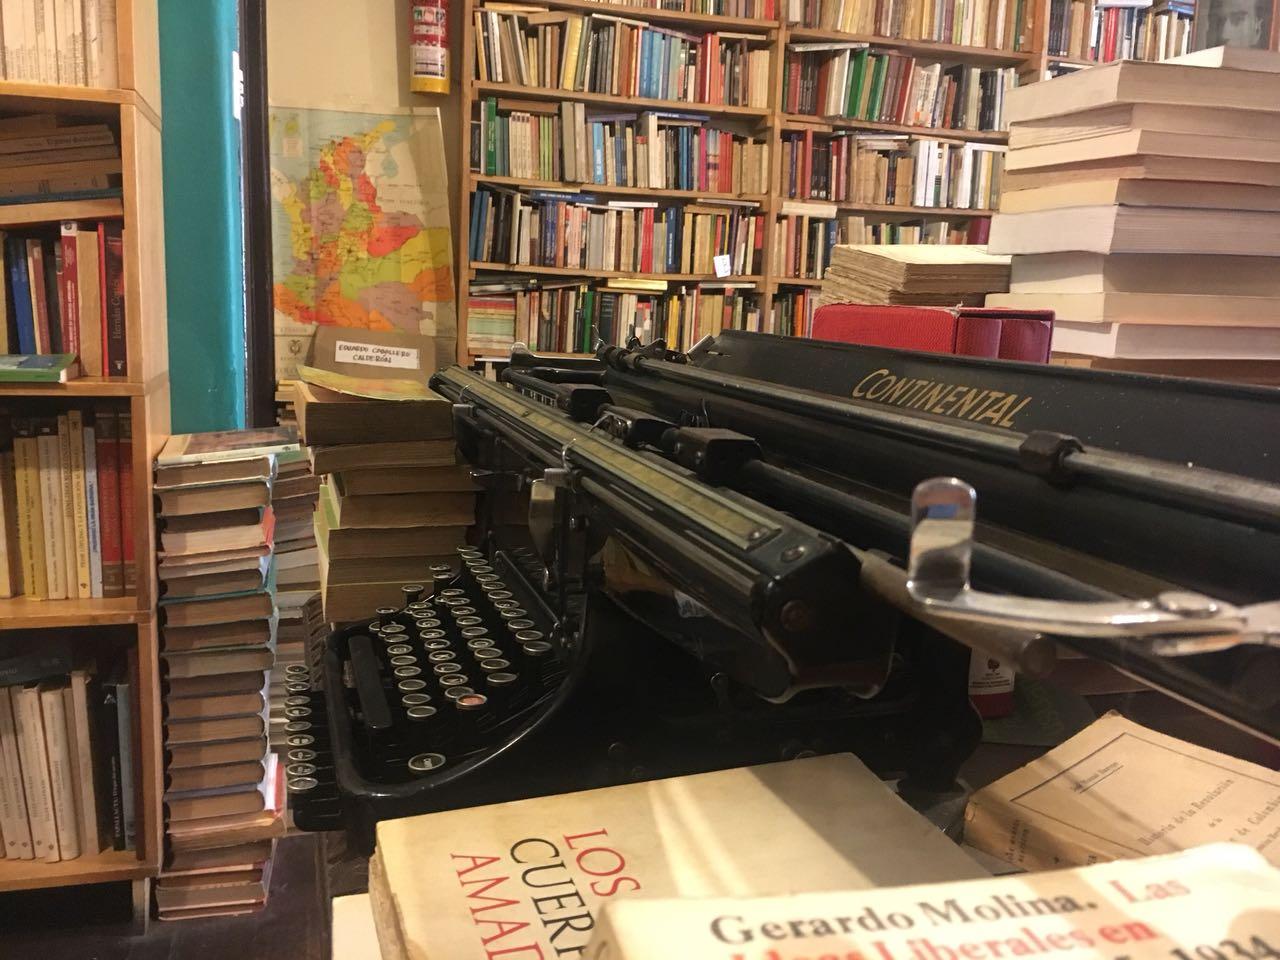 Librería Merlín máquina de escribir libros